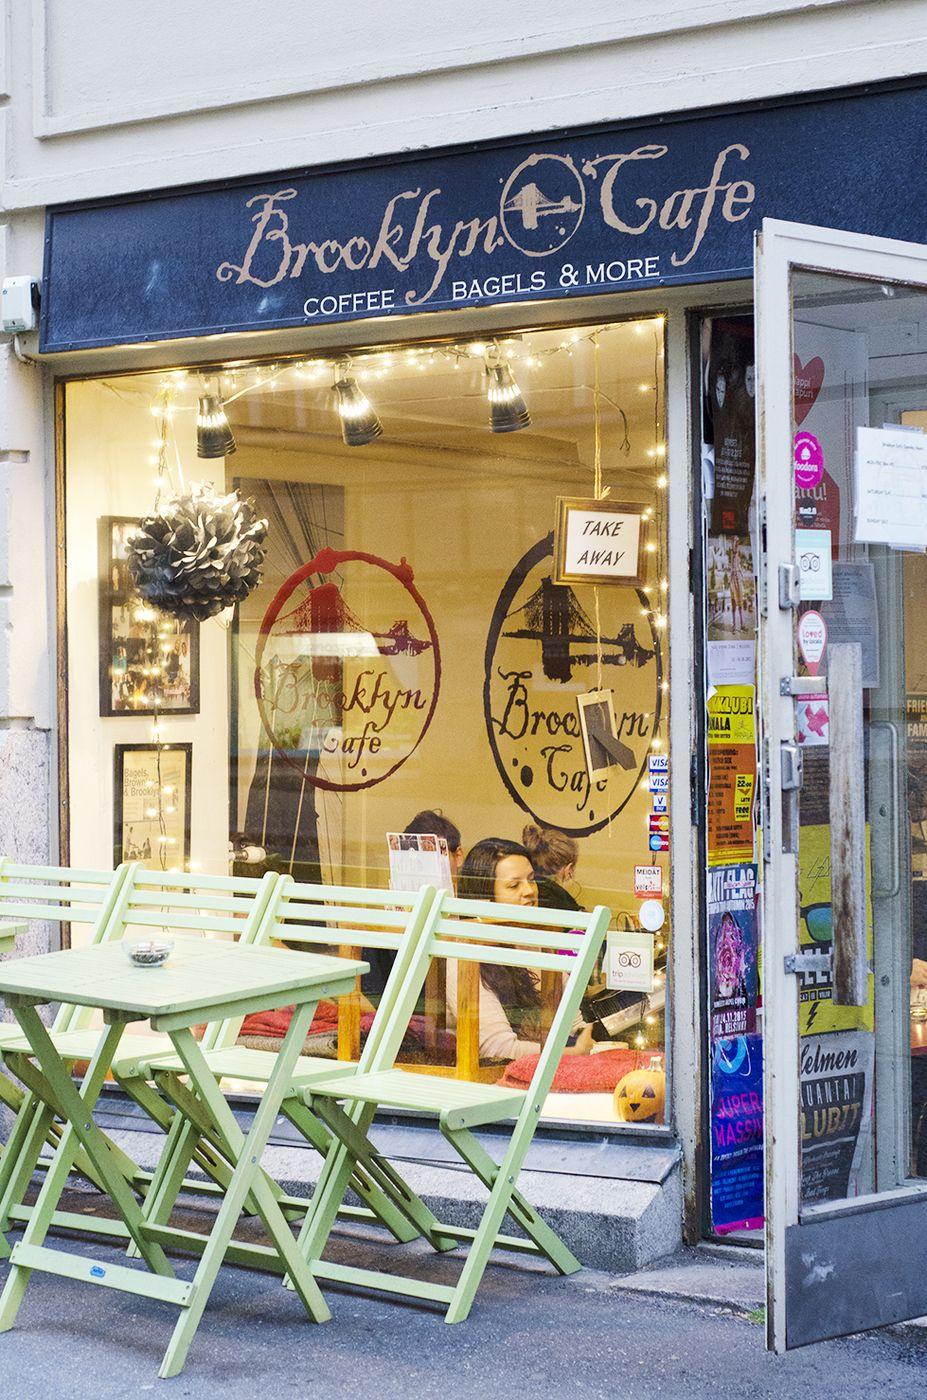 One of my favorite cafes in Helsinki - Brooklyn Cafe. ♡ #nyc #ny #style #brooklyn #cafe #love #helsinki #city